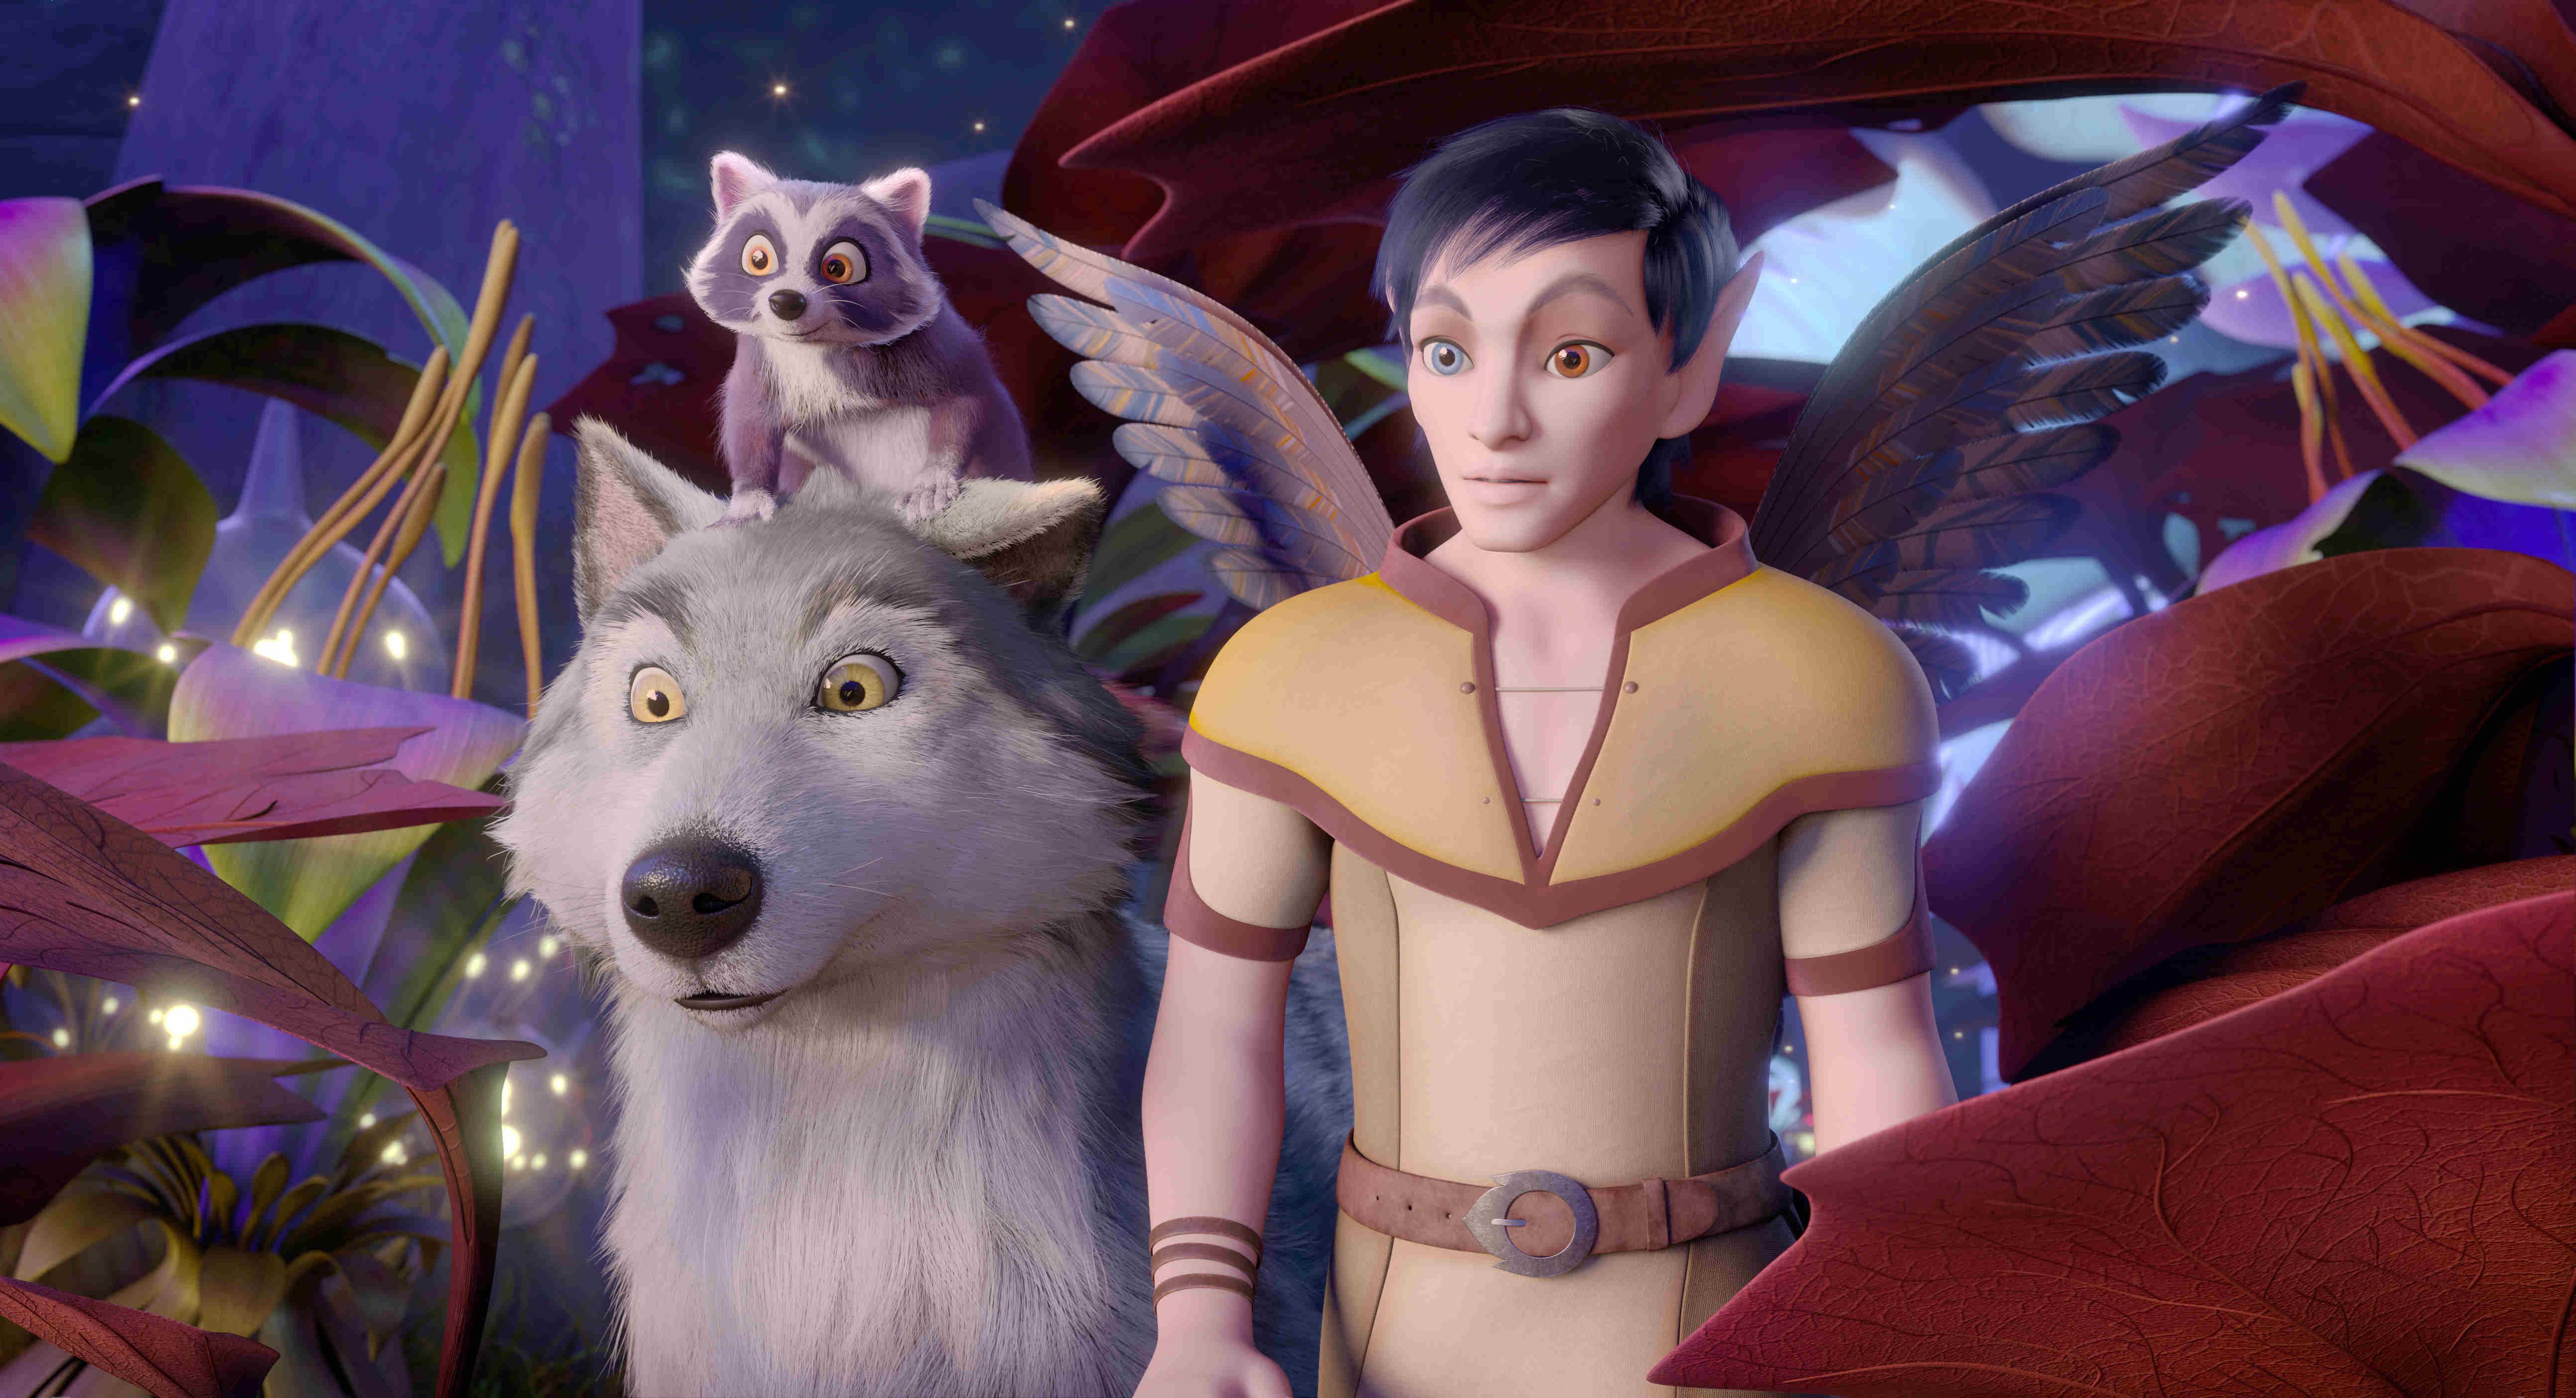 《巴亞拉魔幻冒險》浣熊比歐和巨狼「萊克斯」結為莫逆,兩人形影不離